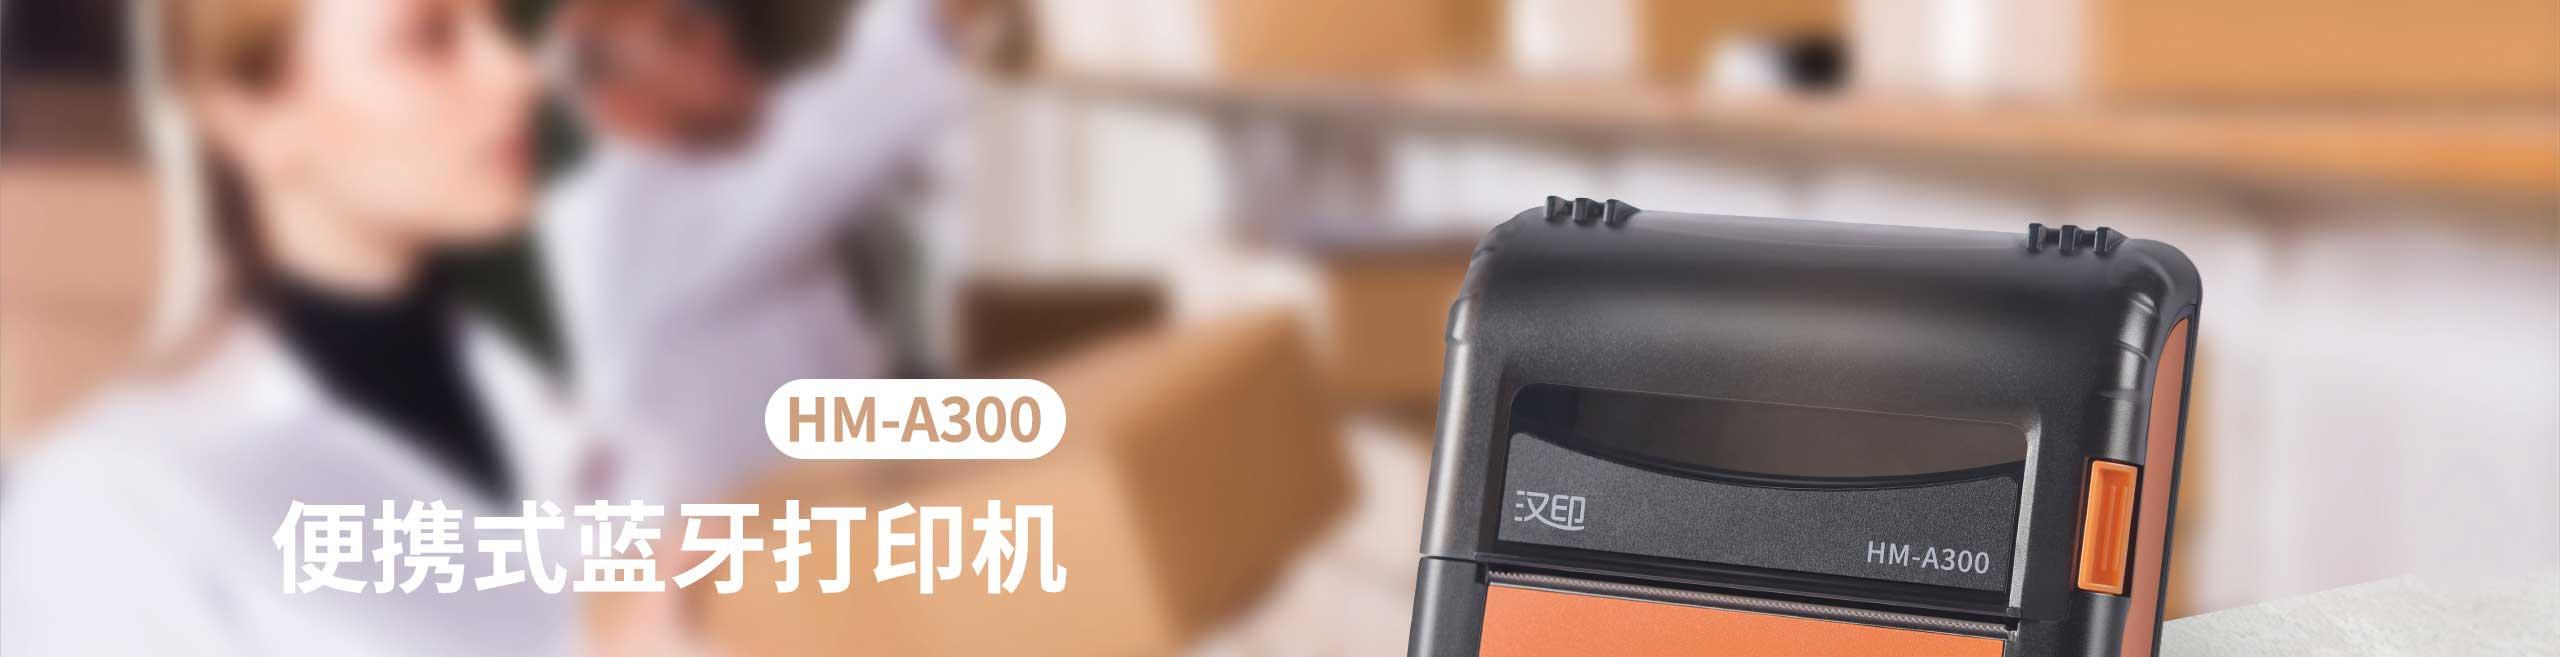 汉印HM-A300便捷式蓝牙打印机  第2张